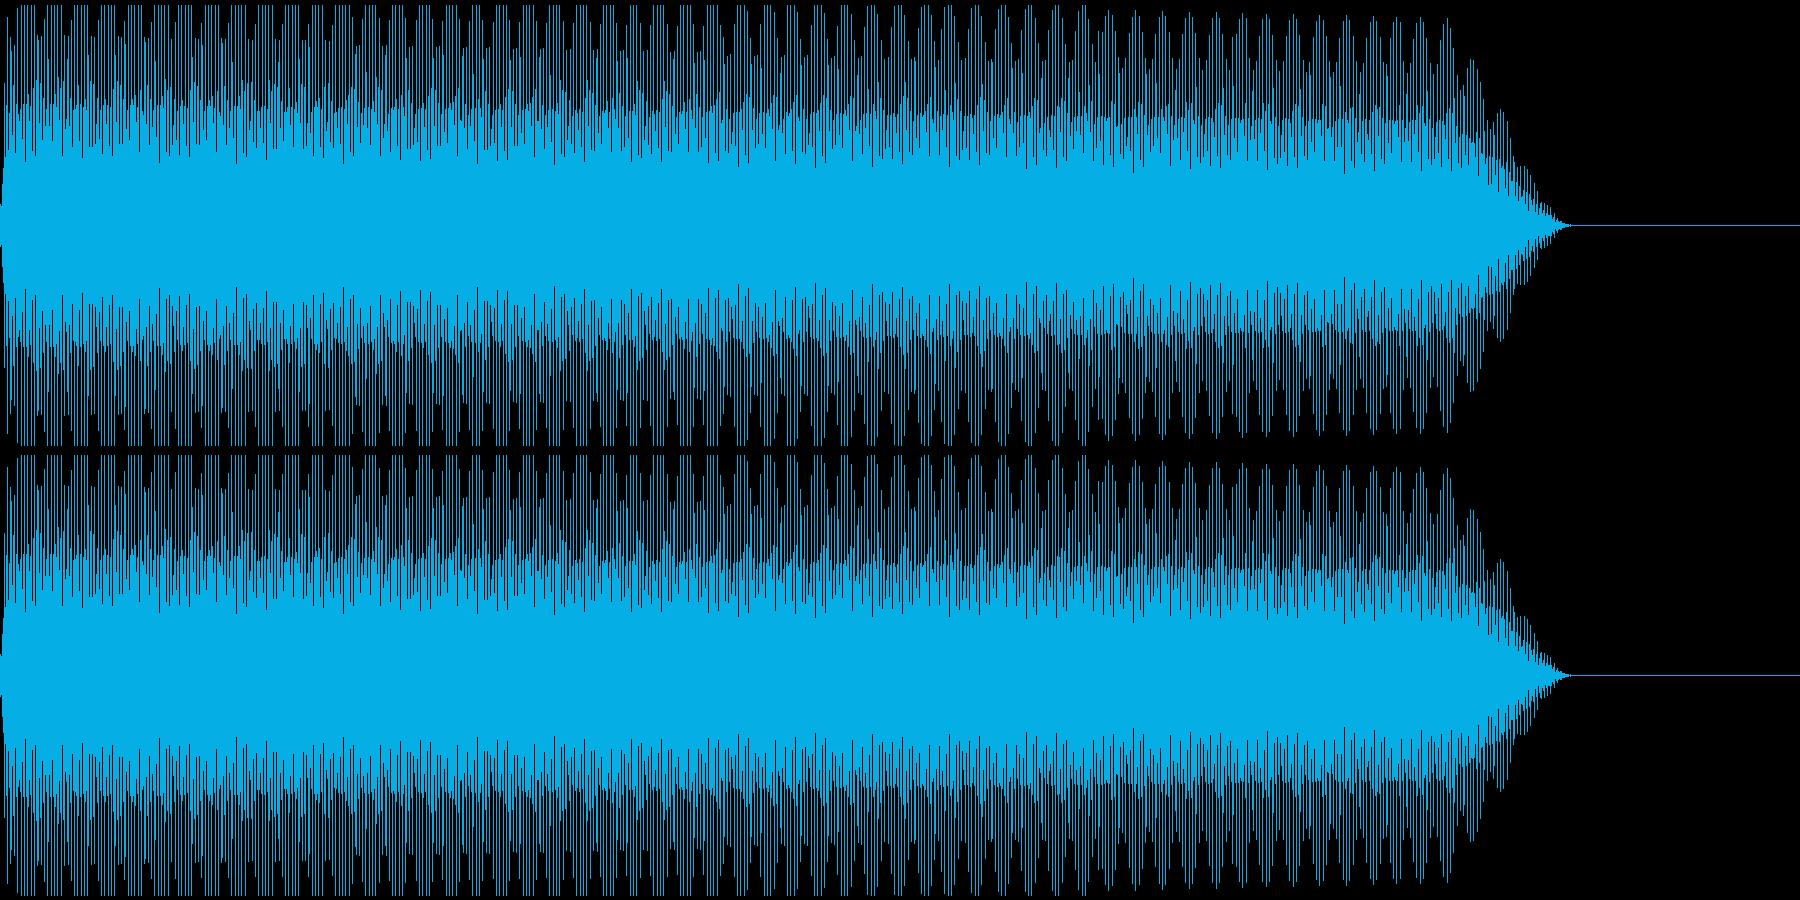 ピー!(ノイズ/高音/エラー/レーザーの再生済みの波形